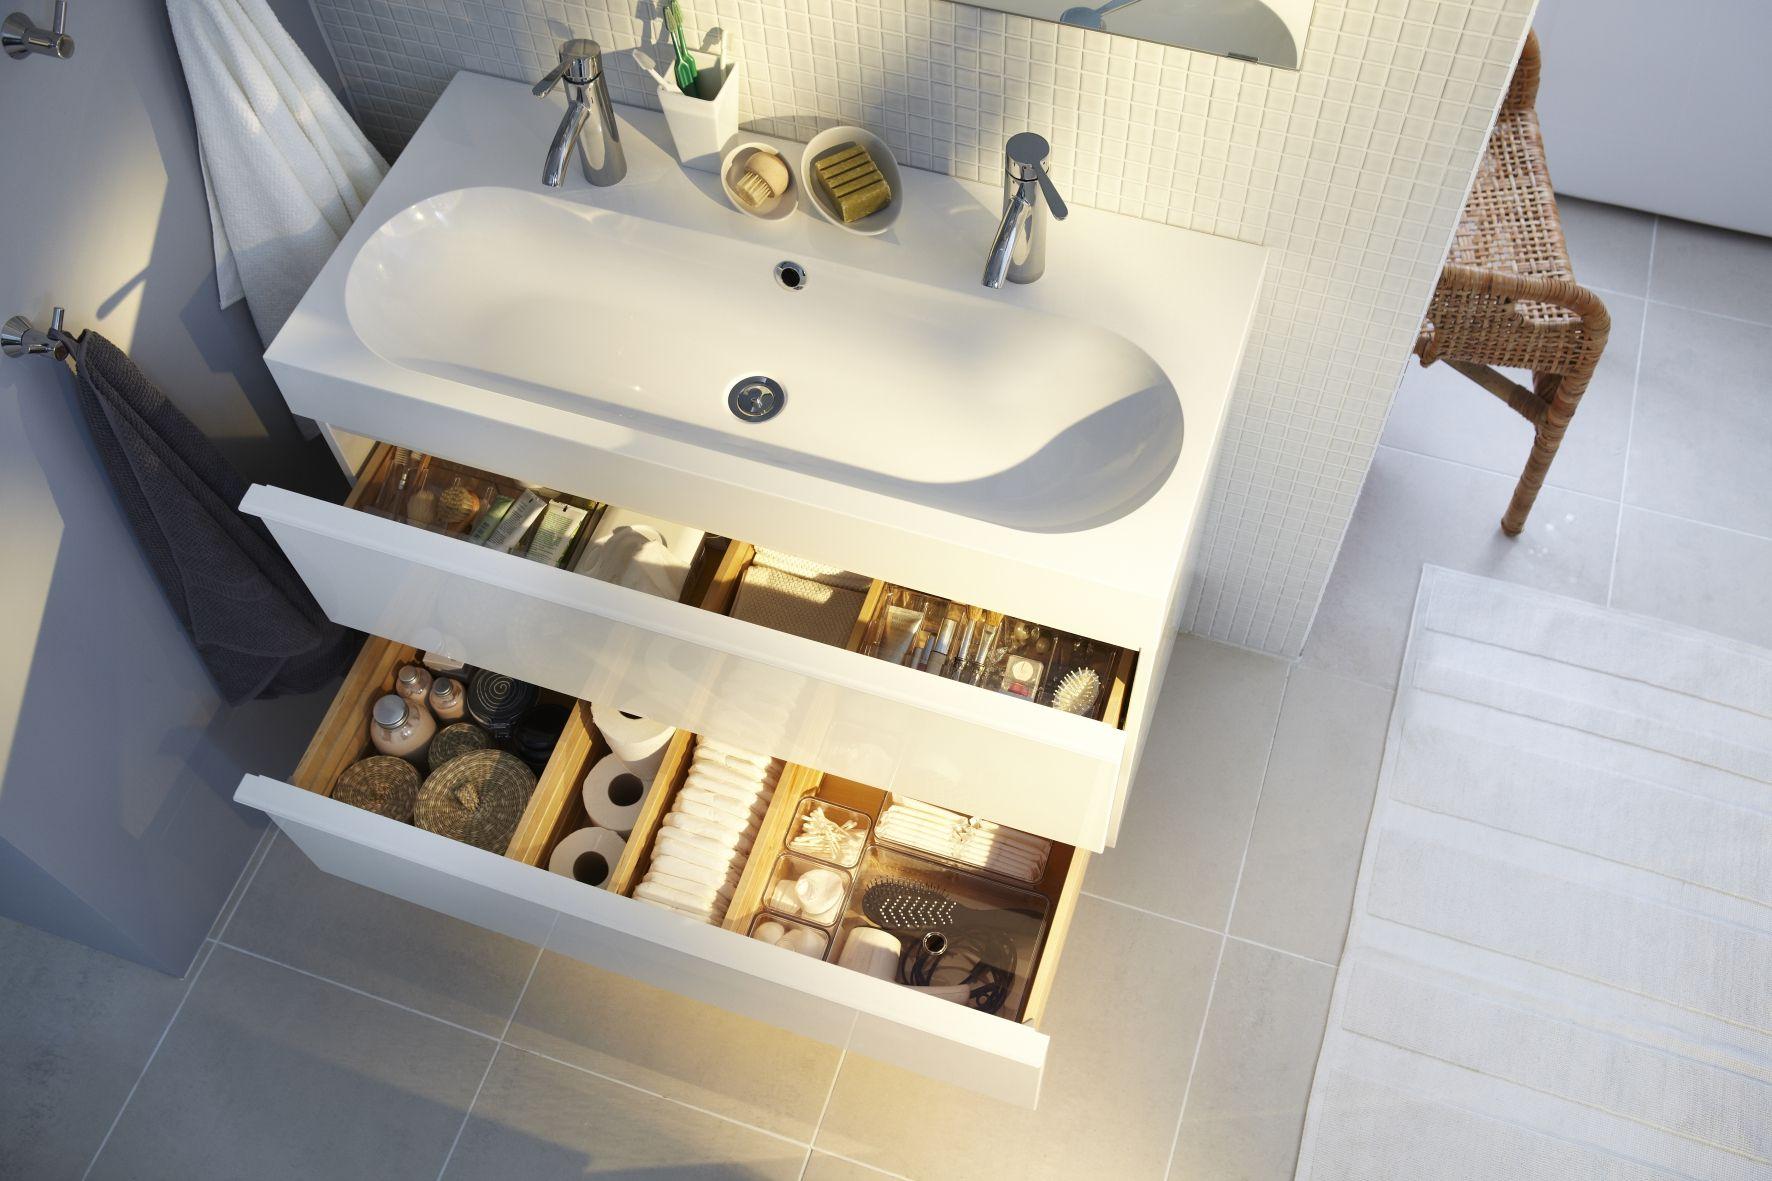 Ikea Badkamer Opbergers : Ikea badkamer spiegelkast ikea spiegelkast boven wastafel